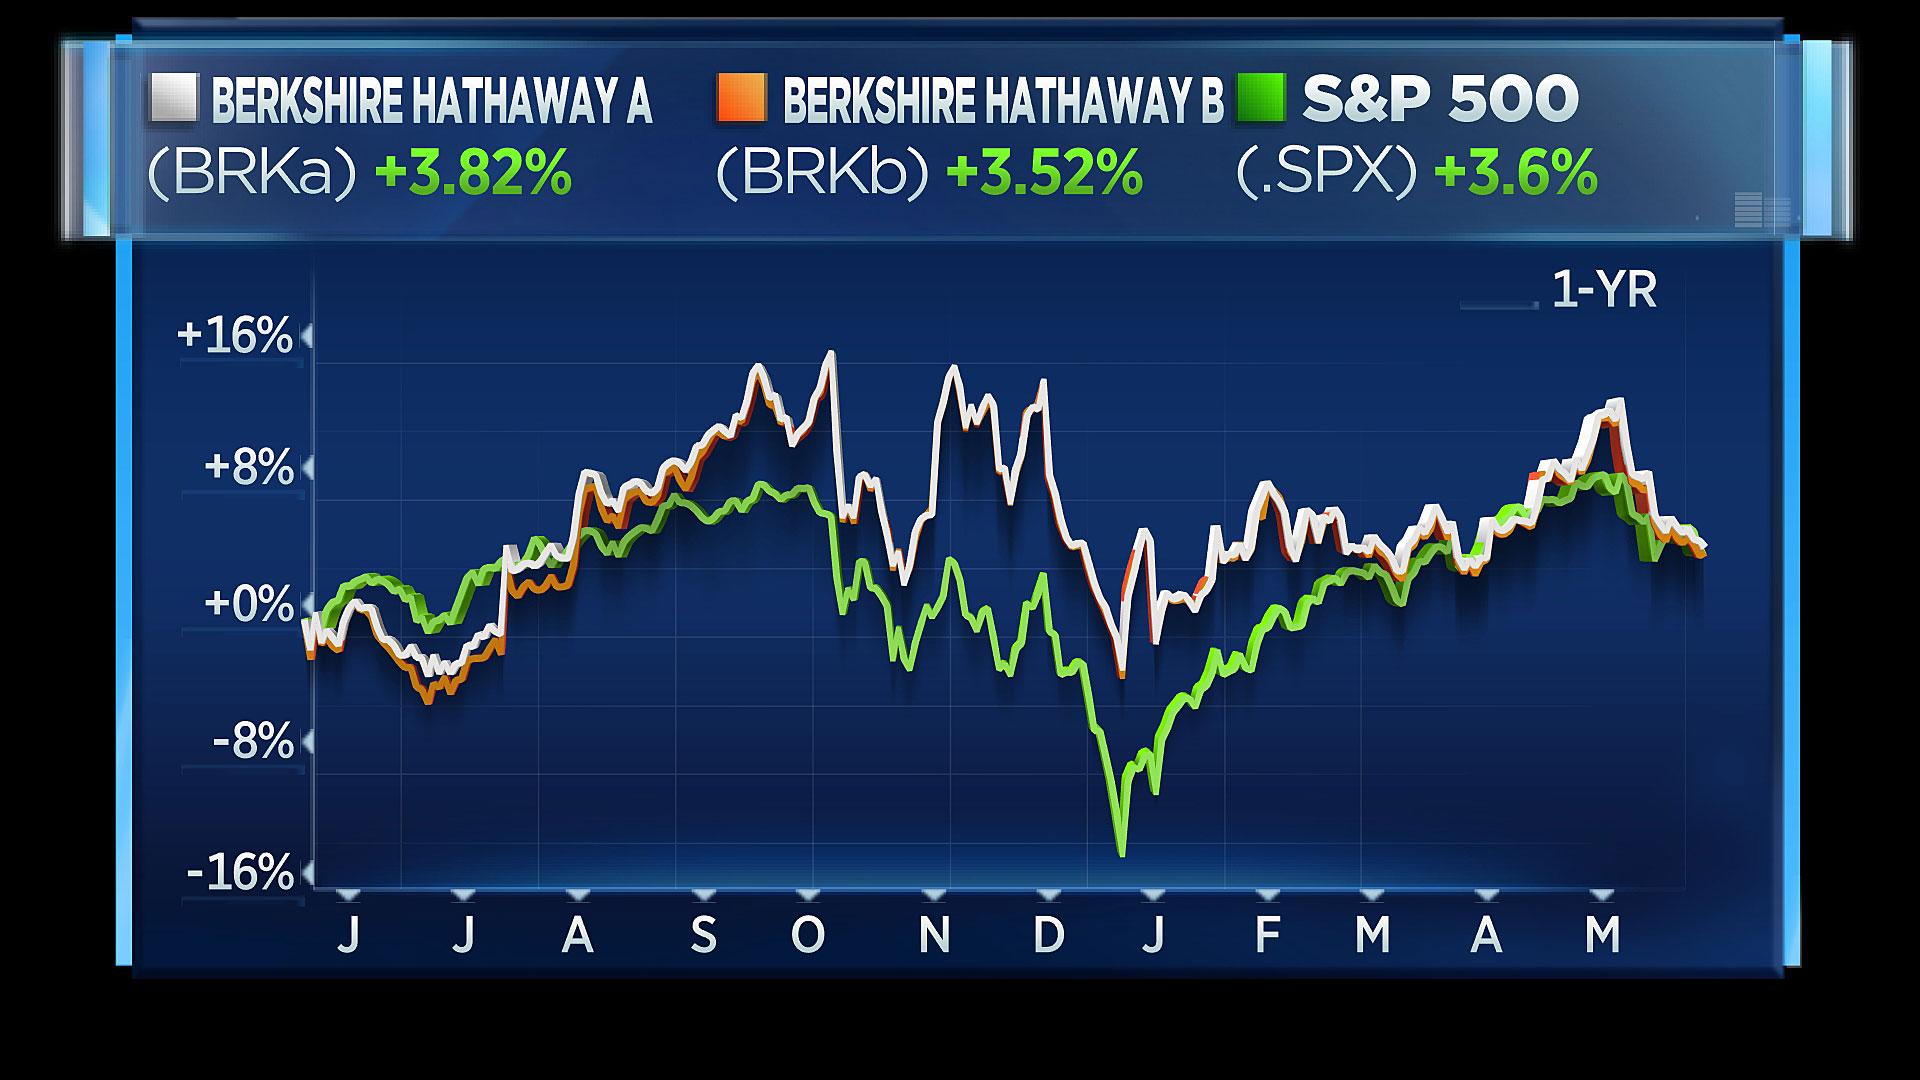 BRKA vs BRKB vs S&P 1-year chart